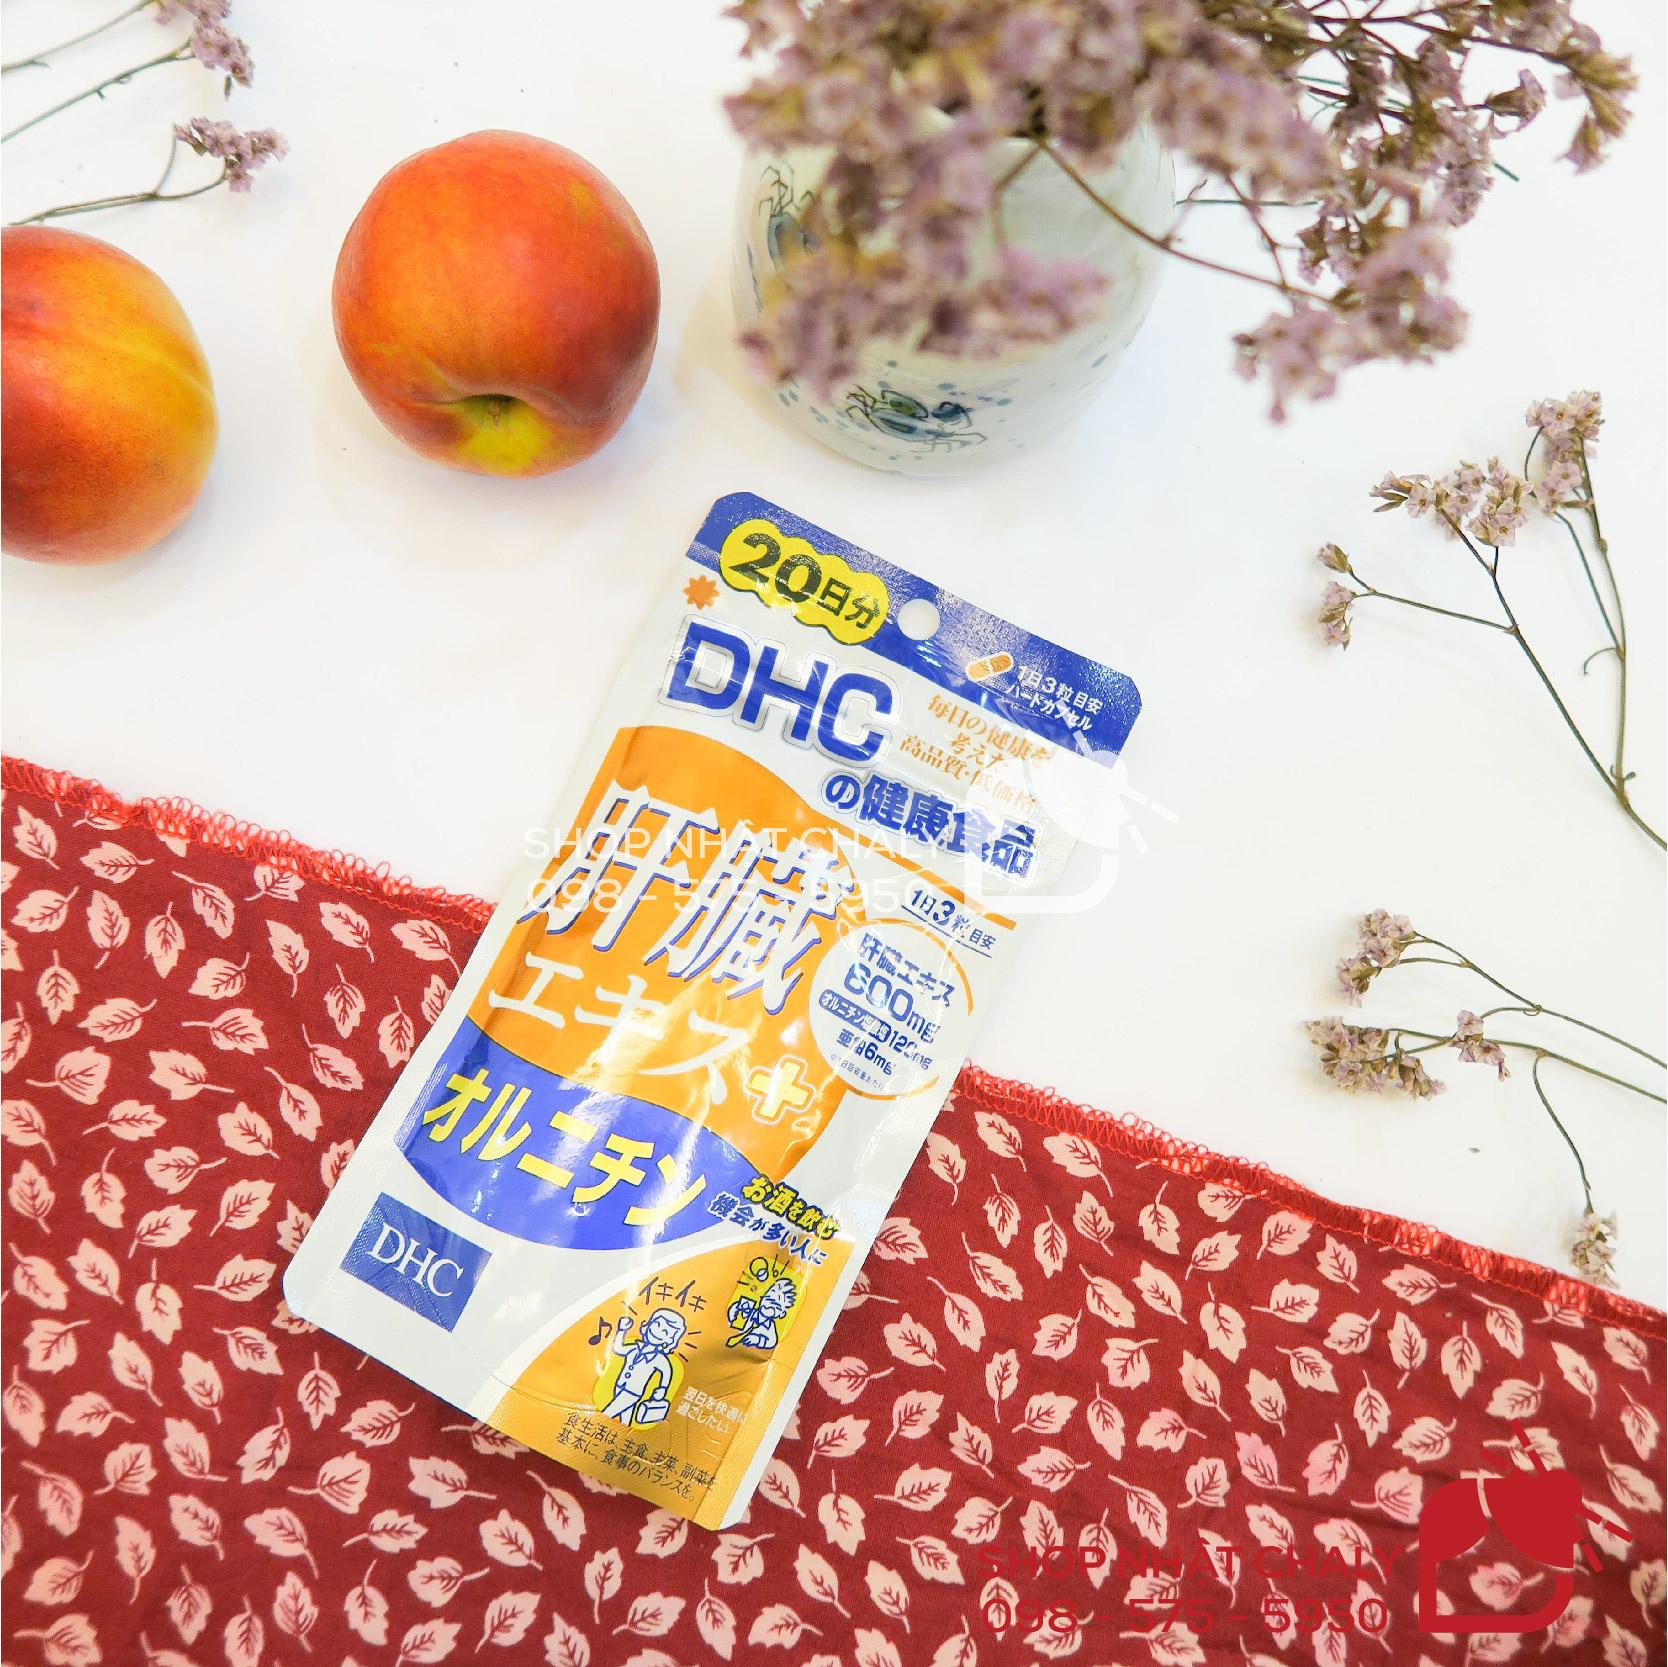 Viên thuốc mát gan Nhật Bản DHC không mùi vị, dễ uống, giá thành bình dân có thể dùng lâu dài